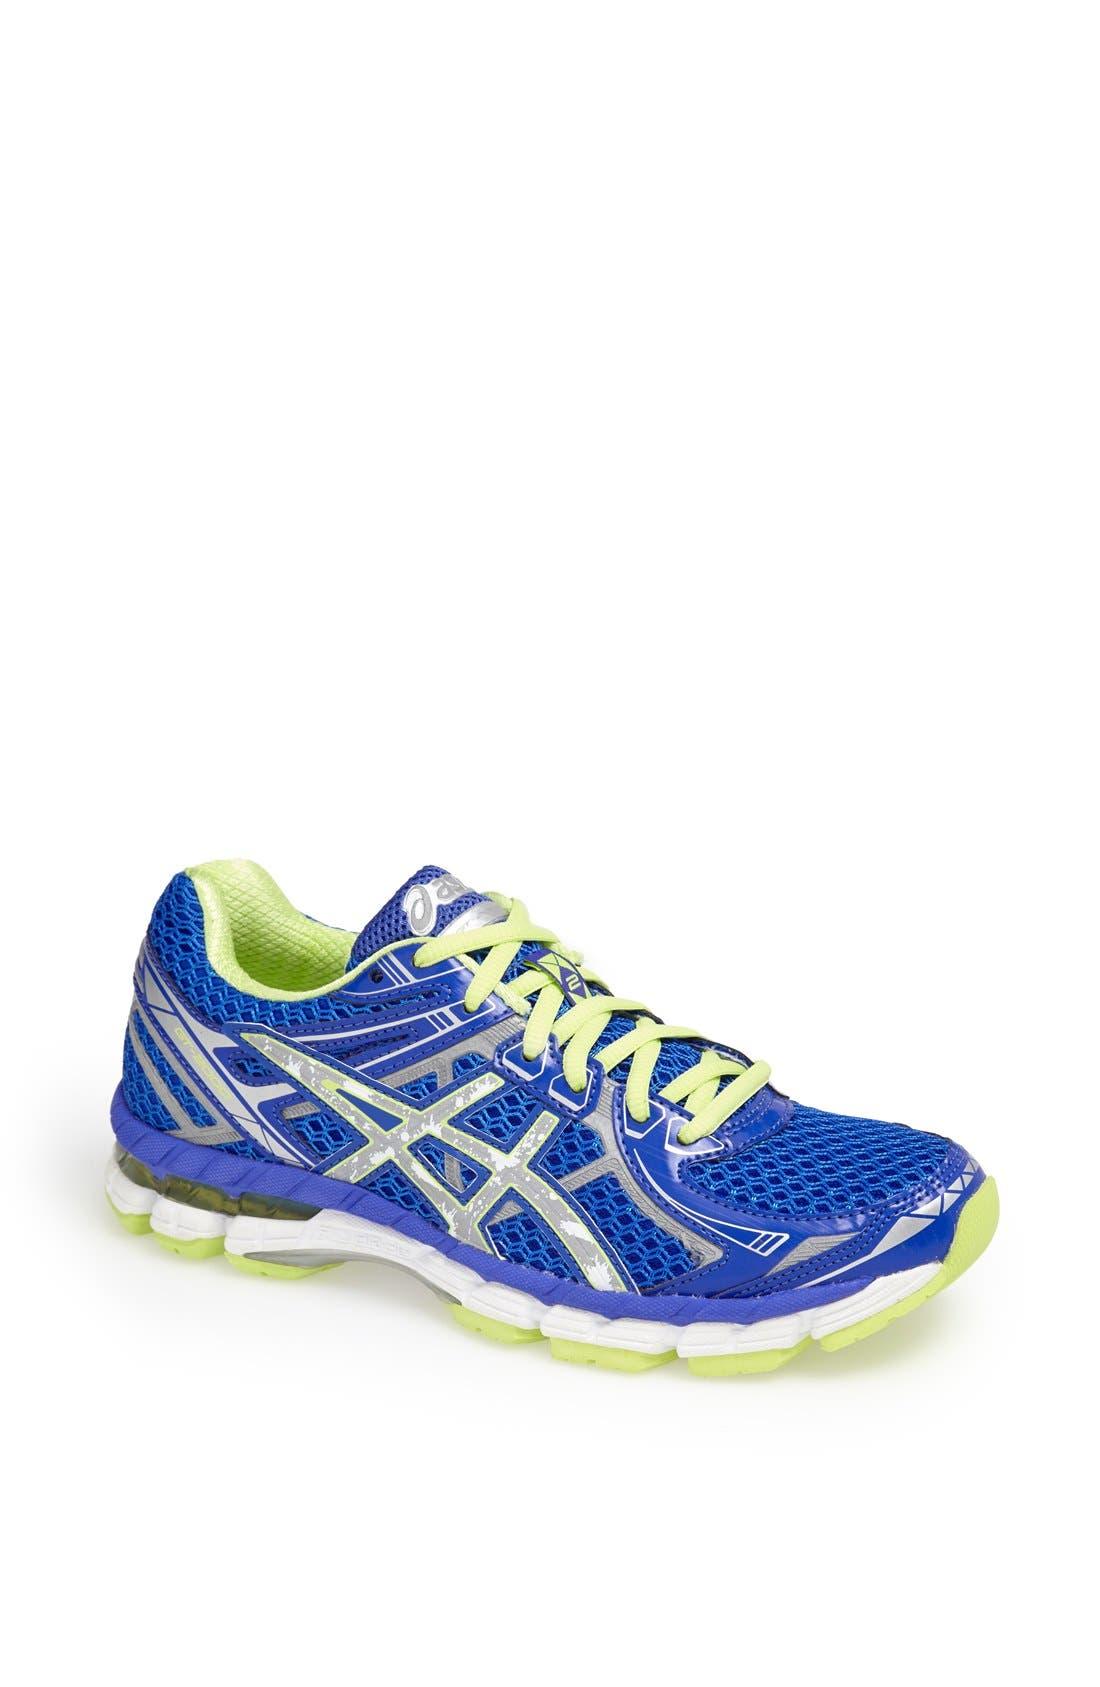 Alternate Image 1 Selected - ASICS® 'GT-2000 Lite Show' Running Shoe (Women)